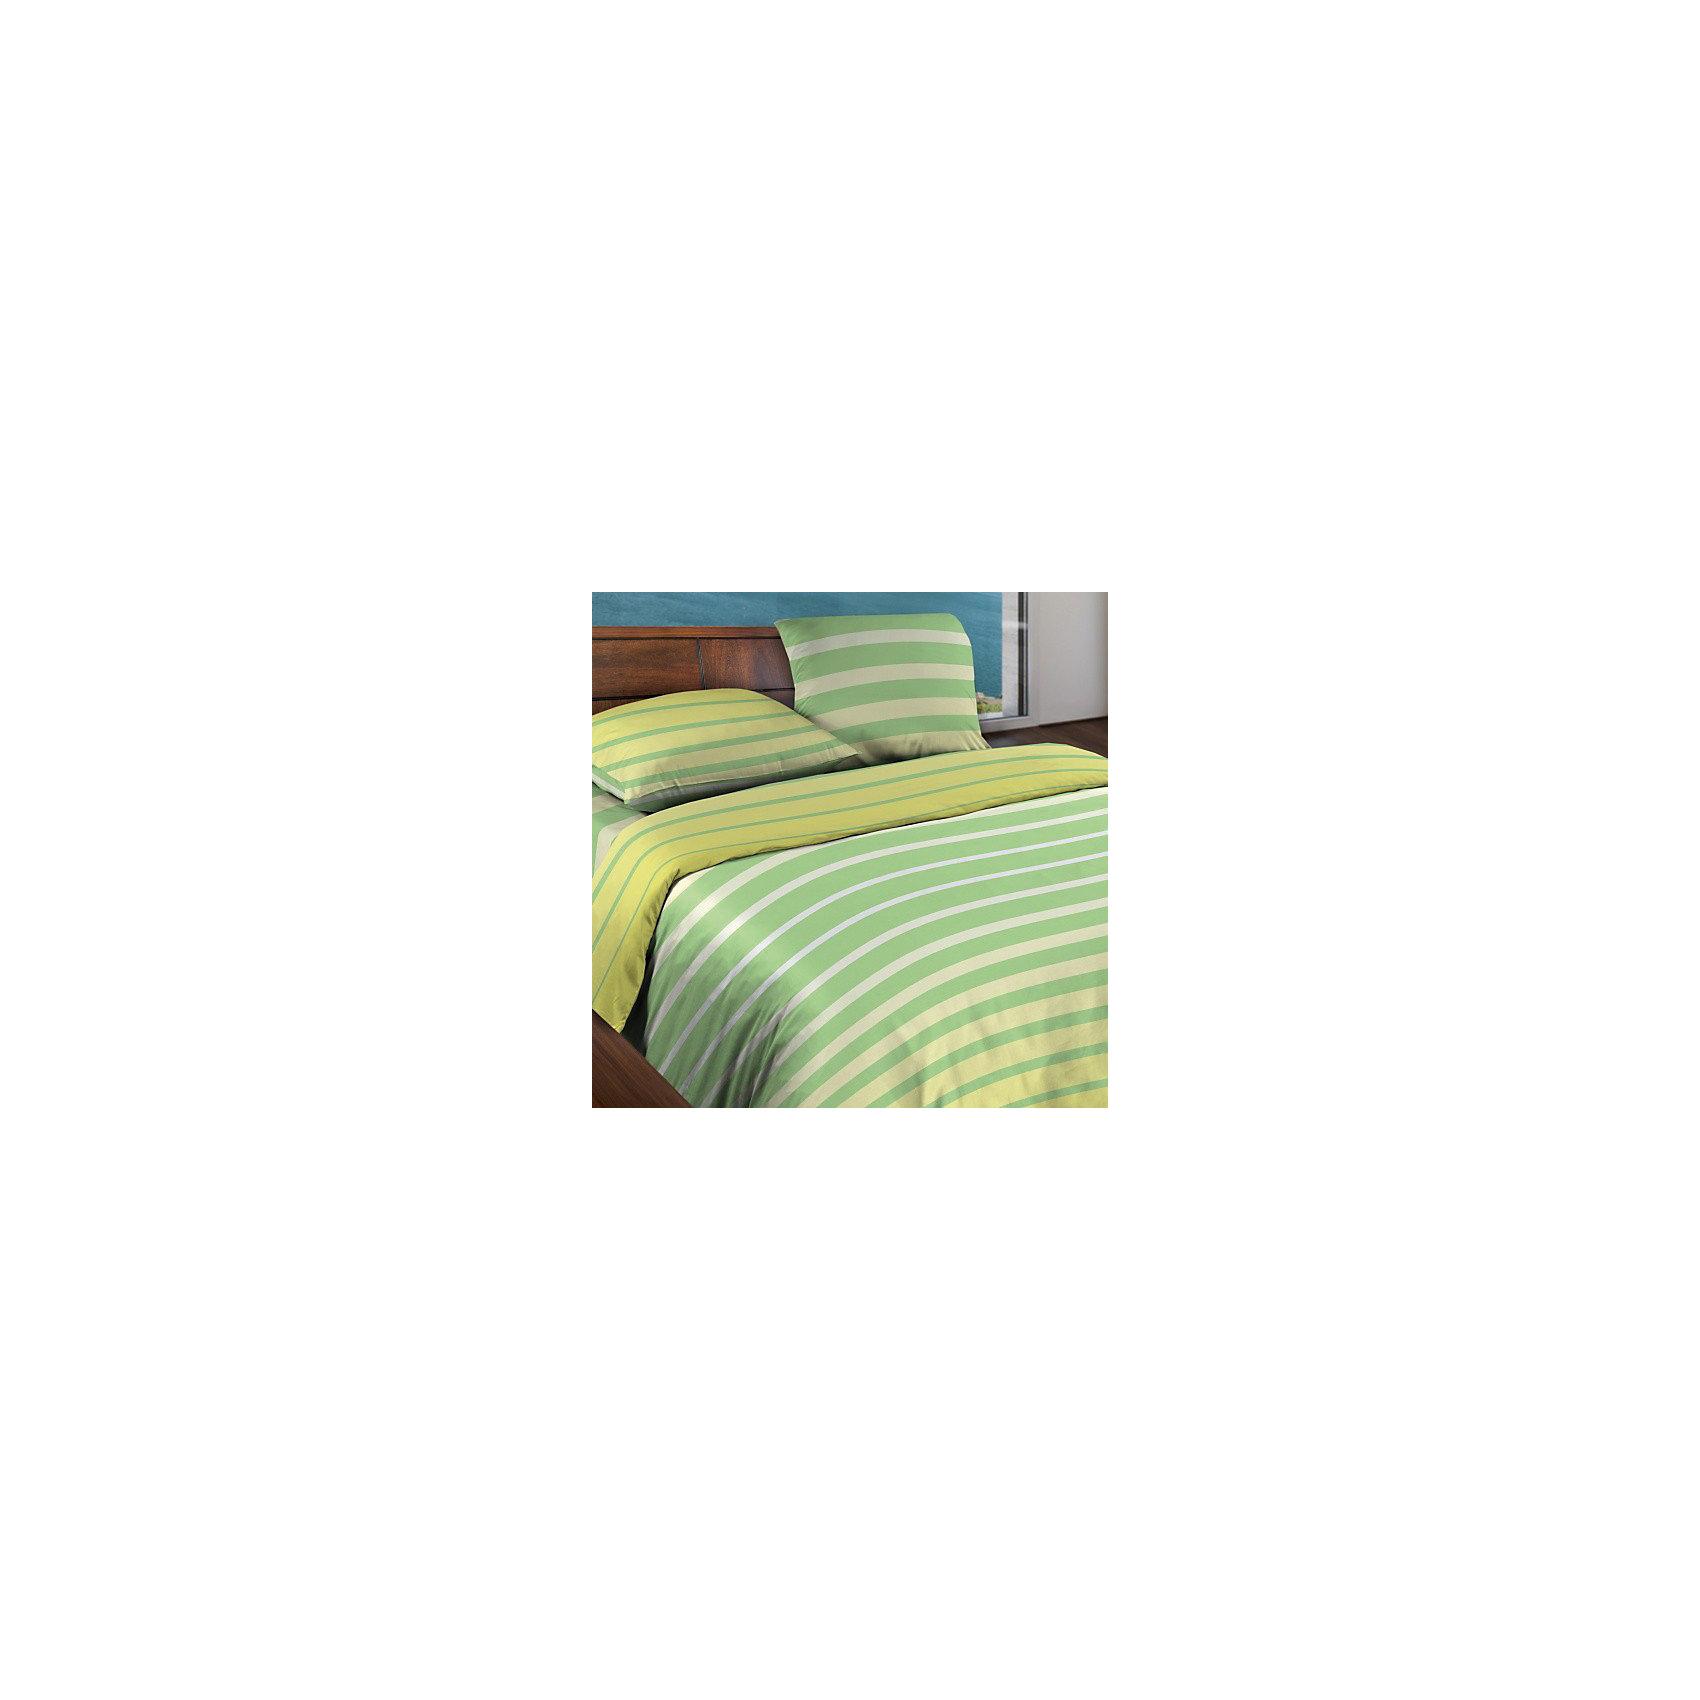 Постельное белье Евро Stripe Green БИО Комфорт, Wenge MotionВзрослое постельное бельё<br>Характеристики 1,5 спального комплекта постельного белья   Stripe Green  БИО Комфорт, Wenge Motion:<br><br>- производитель: Неотек<br>- материал: бязь<br>- состав: 100% хлопок<br>- размер комплекта: евро размер<br>- размер пододеяльника: 215*240 см.<br>- размер простыни: 220*240 см.<br>- размер наволочек: 70*70 (2 шт)<br>- упаковка комплекта: книжка пвх<br>- страна бренда: Россия<br>- страна производитель: Россия<br><br>Купив комплект постельного белья евро размера  Stripe Green серии Wenge Motion, Вы получите модный однотонный дизайн, который подойдет под любой интерьер, и позволит экспериментировать с сочетаниями красок. Оригинальная форма упаковки привлечет Ваше внимание, предоставит 100% информации об изделии. Постельное бельё шьётся из высококачественной бязи - БИОкомфорт, которая обладает повышенными показателями износостойкости при очень демократично цене. Ткань приятная на ощупь, не деформируется при эксплуатации.<br><br>Комплекта постельного белья   Stripe Green  серии Wenge Motion можно купить в нашем интернет-магазине.<br><br>Ширина мм: 370<br>Глубина мм: 70<br>Высота мм: 370<br>Вес г: 2500<br>Возраст от месяцев: 216<br>Возраст до месяцев: 1188<br>Пол: Унисекс<br>Возраст: Детский<br>SKU: 5100150